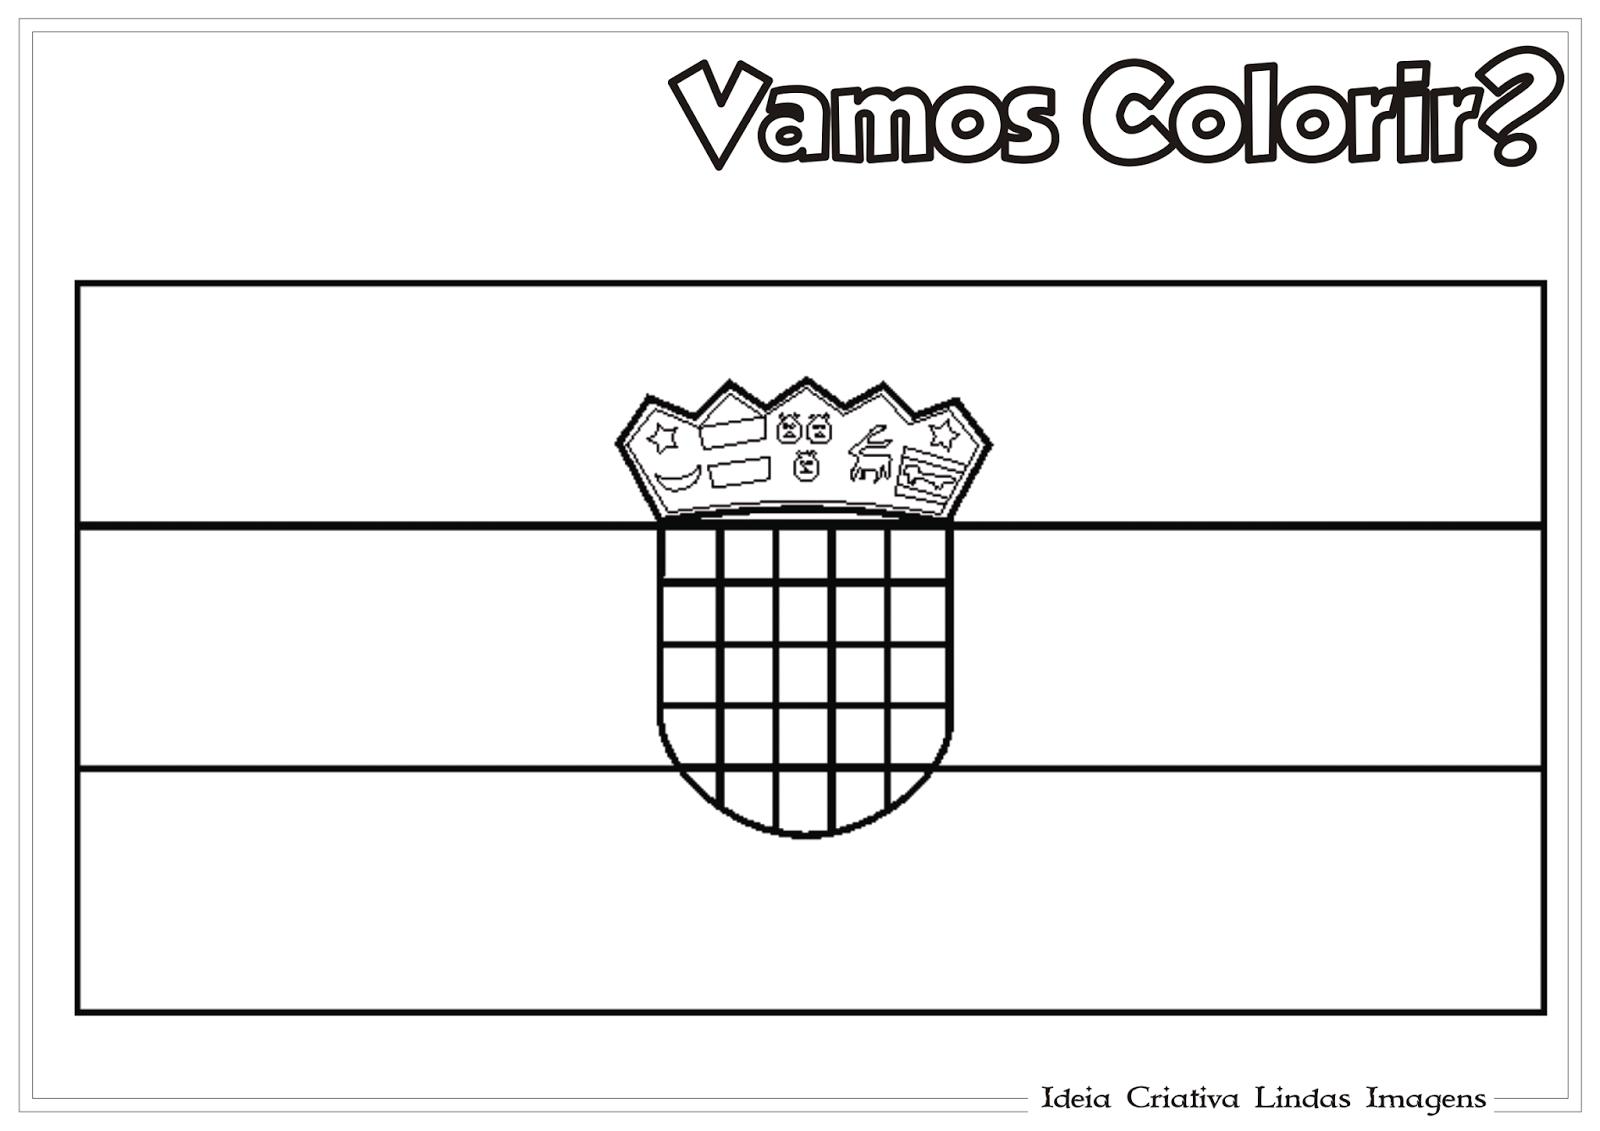 Copa do Mundo 2014 - Grupo A: Croácia bandeira para colorir